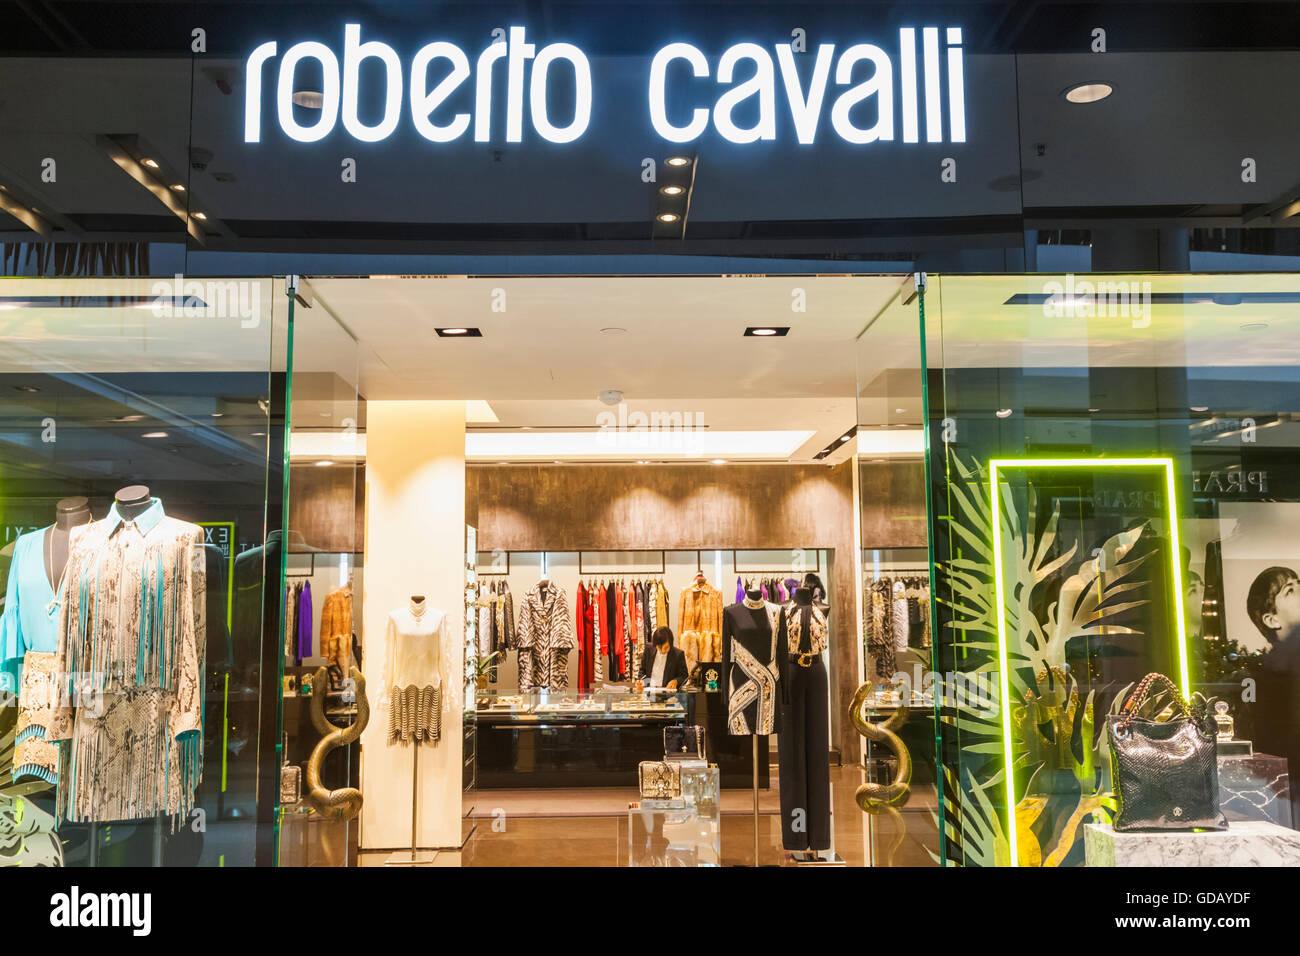 China,Hong Kong,Central,IFC Shopping Mall,Roberto Cavalli Store Stock Photo